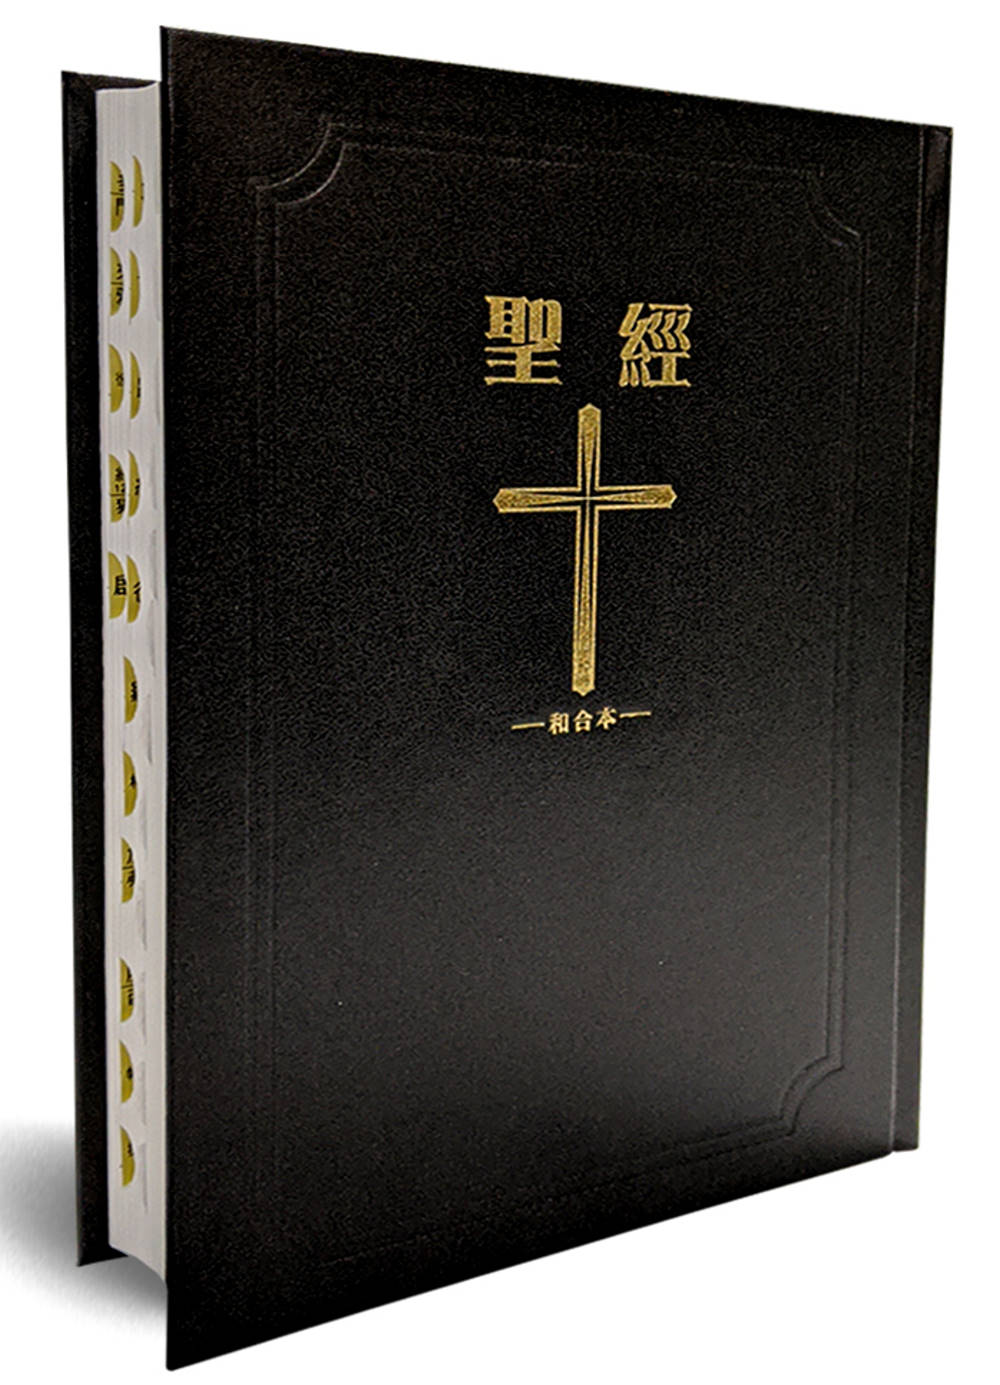 聖經:和合本(黑色皮面大字紅字索引精裝)